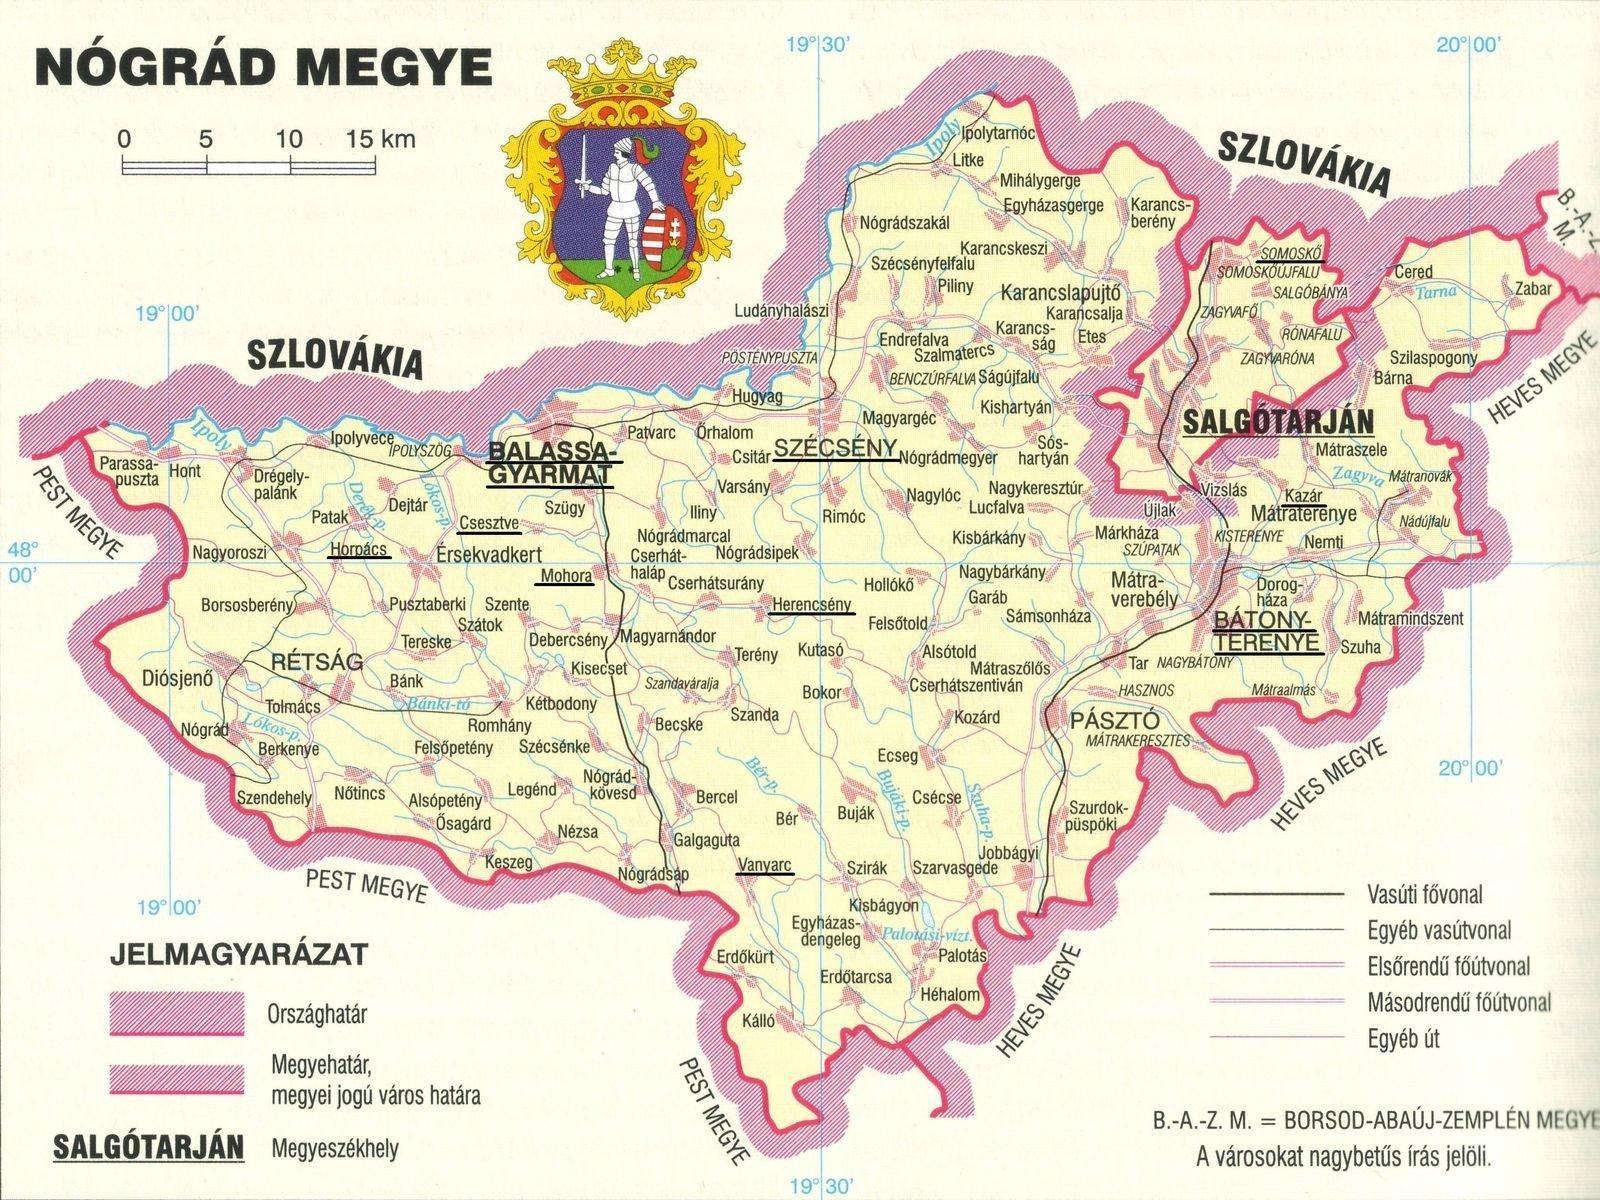 Új nevet kaphat Nógrád megye